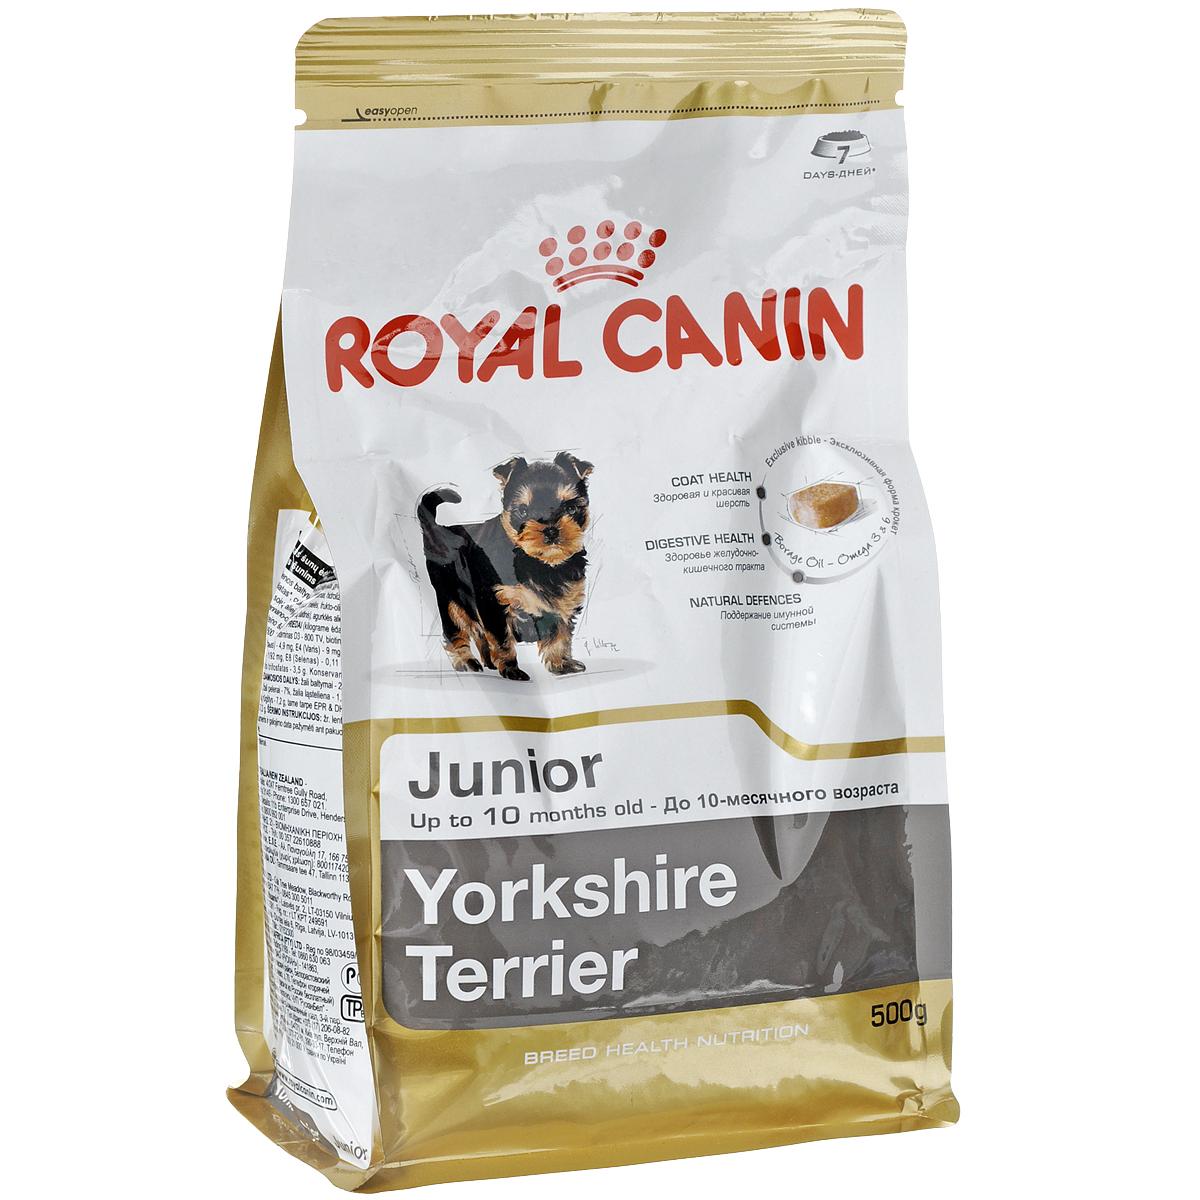 Корм сухой Royal Canin Yorkshire Terrier Junior, для щенков породы йоркширский терьер в возрасте до 10 месяцев, 1,5 кг167015Сухой корм Royal Canin Yorkshire Terrier Junior - это полнорационный корм для щенков породы йоркширский терьер в возрасте до 10 месяцев. Здоровая шерсть. Эксклюзивная формула поддерживает здоровье и красоту шерсти йоркширского терьера. Корм обогащен жирными кислотами Омега-3 (EPA и DHA) и Омега-6, маслом бурачника и биотином. Безопасность пищеварения. Корм обеспечивает оптимальную безопасность пищеварения и поддерживает баланс кишечной флоры щенков йоркширского терьера. Надежная естественная защита. Корм позволяет обеспечить естественную защиту организма щенка йоркширского терьера. Профилактика образования зубного камня. Благодаря хелаторам кальция и специально подобранной текстуре крокет, которая оказывает чистящее воздействие, корм помогает ограничить образование зубного камня у щенков породы йоркширский терьер. Состав: дегидратированные белки животного происхождения (птица), изолят растительных белков, рис,...